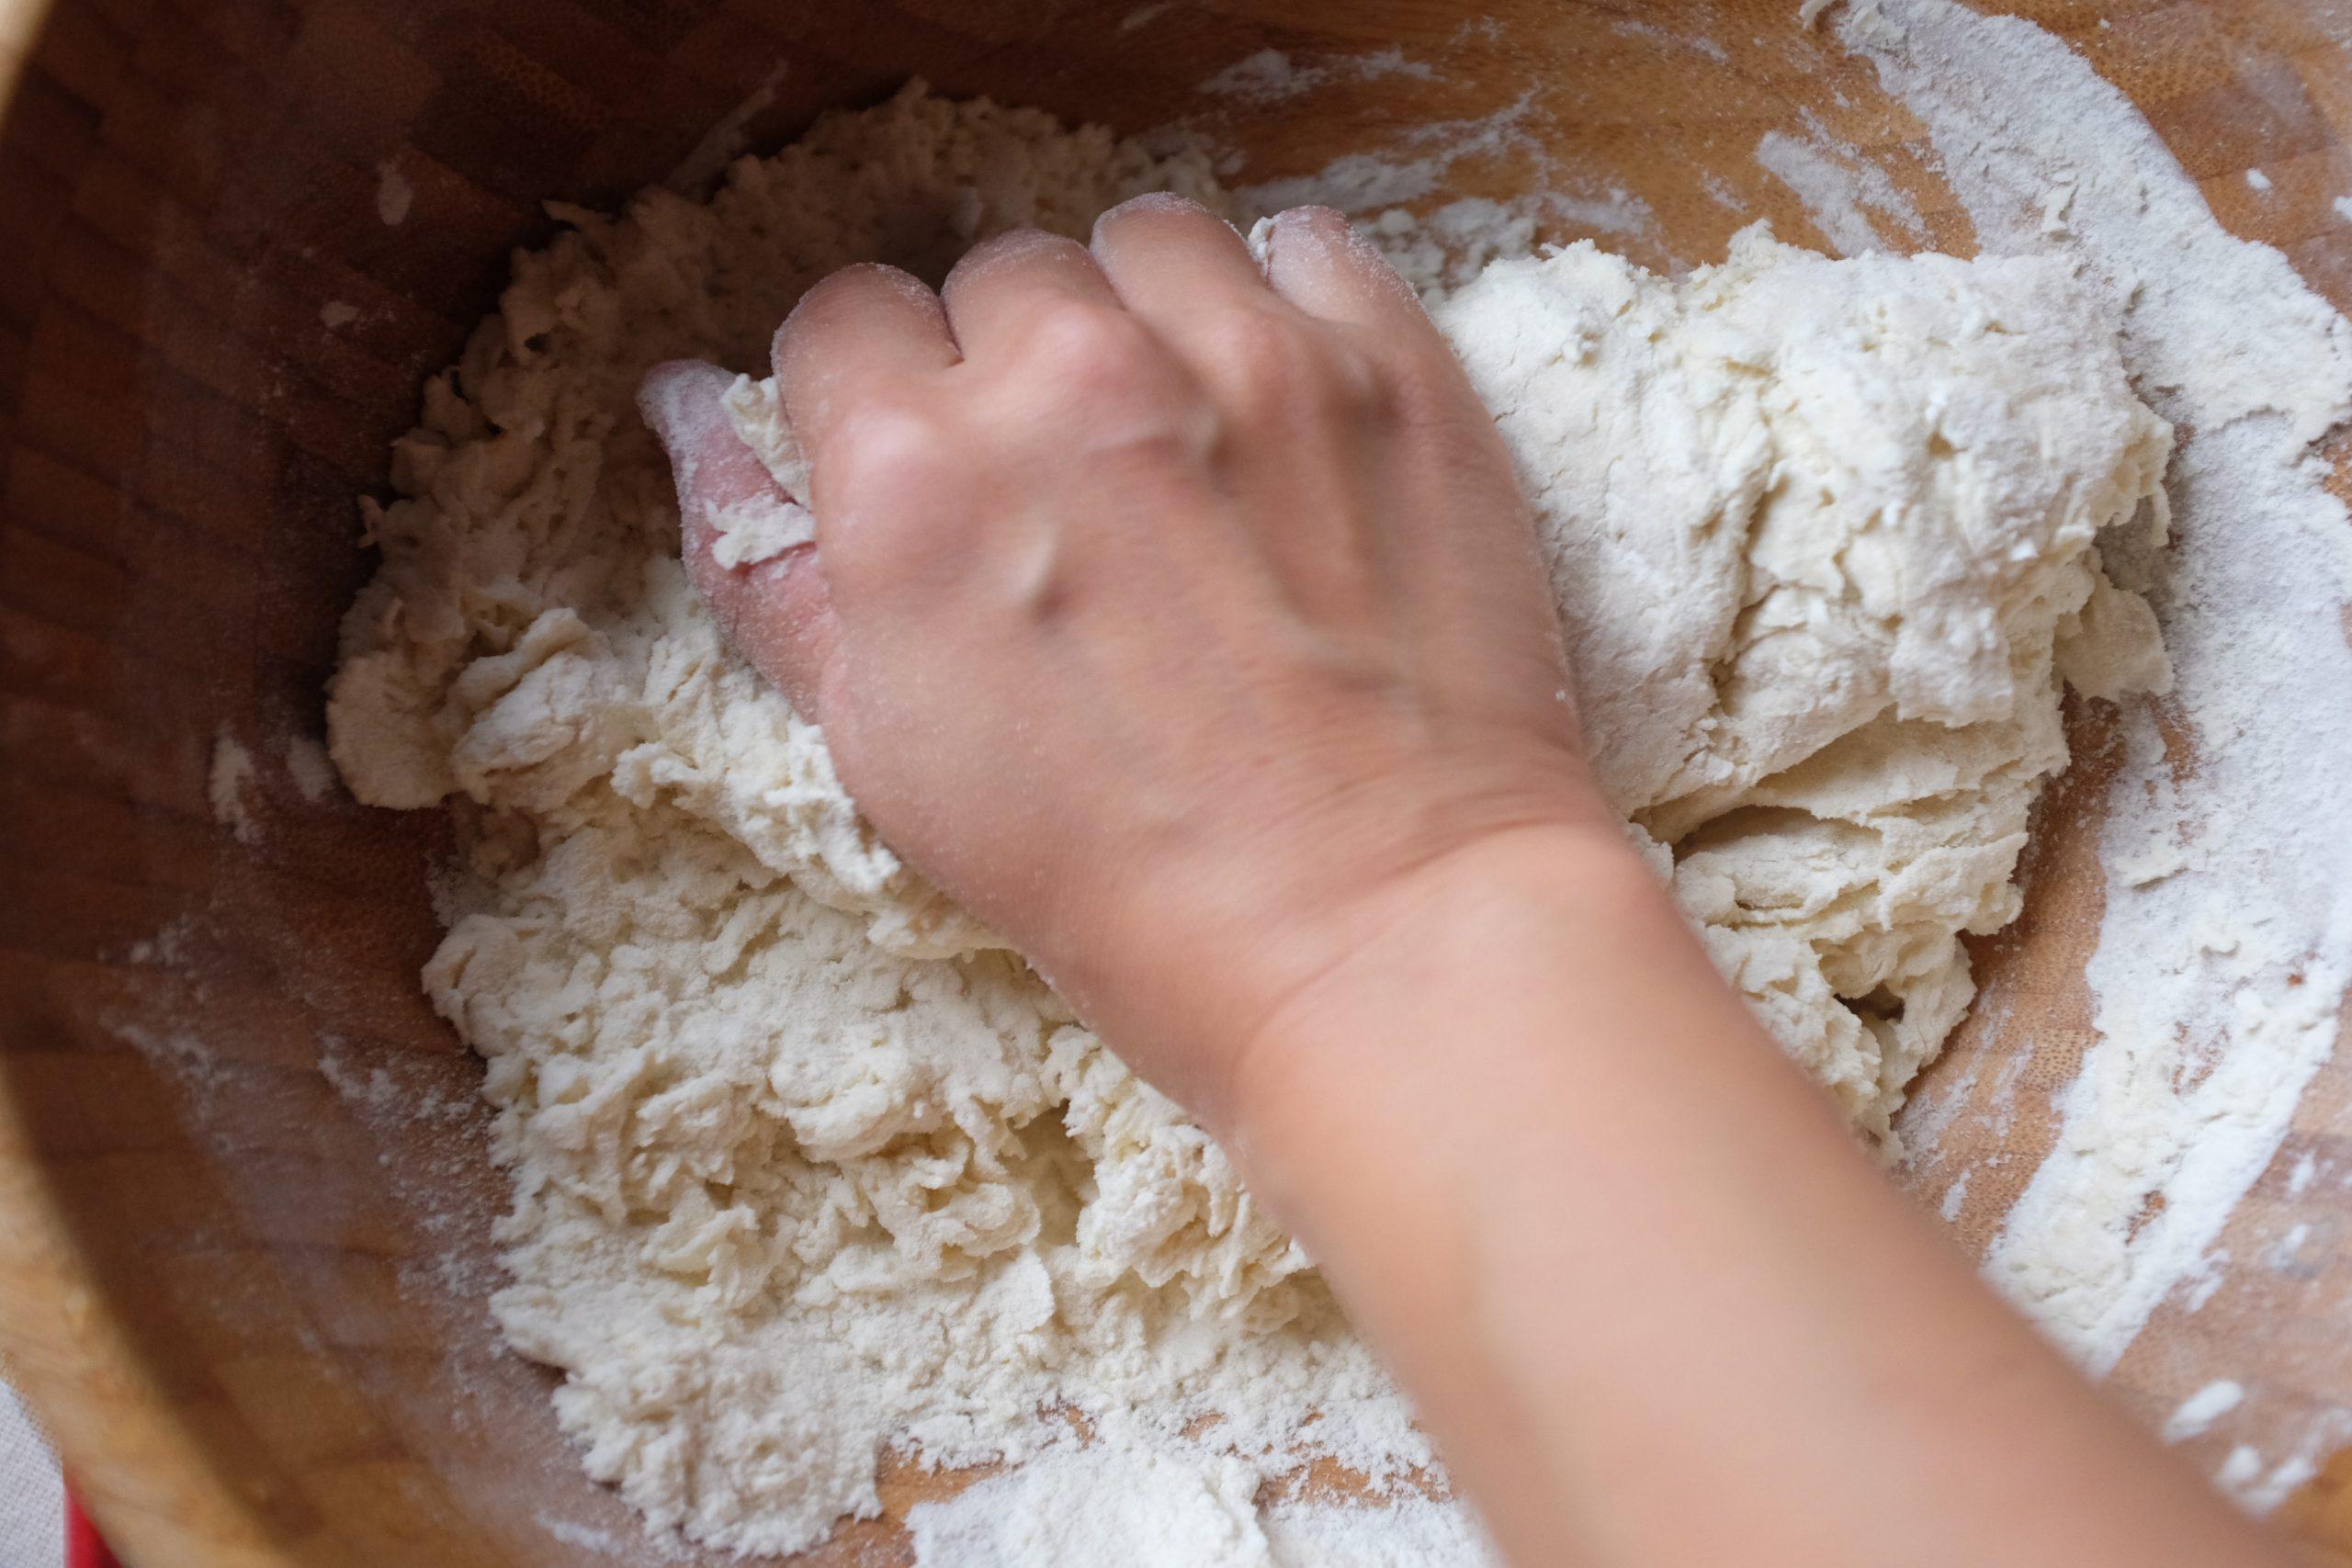 Versa la farina ed il sale in una ciotola, poi aggiungi l'acqua poco per volta mentre mescoli per amalgamare.